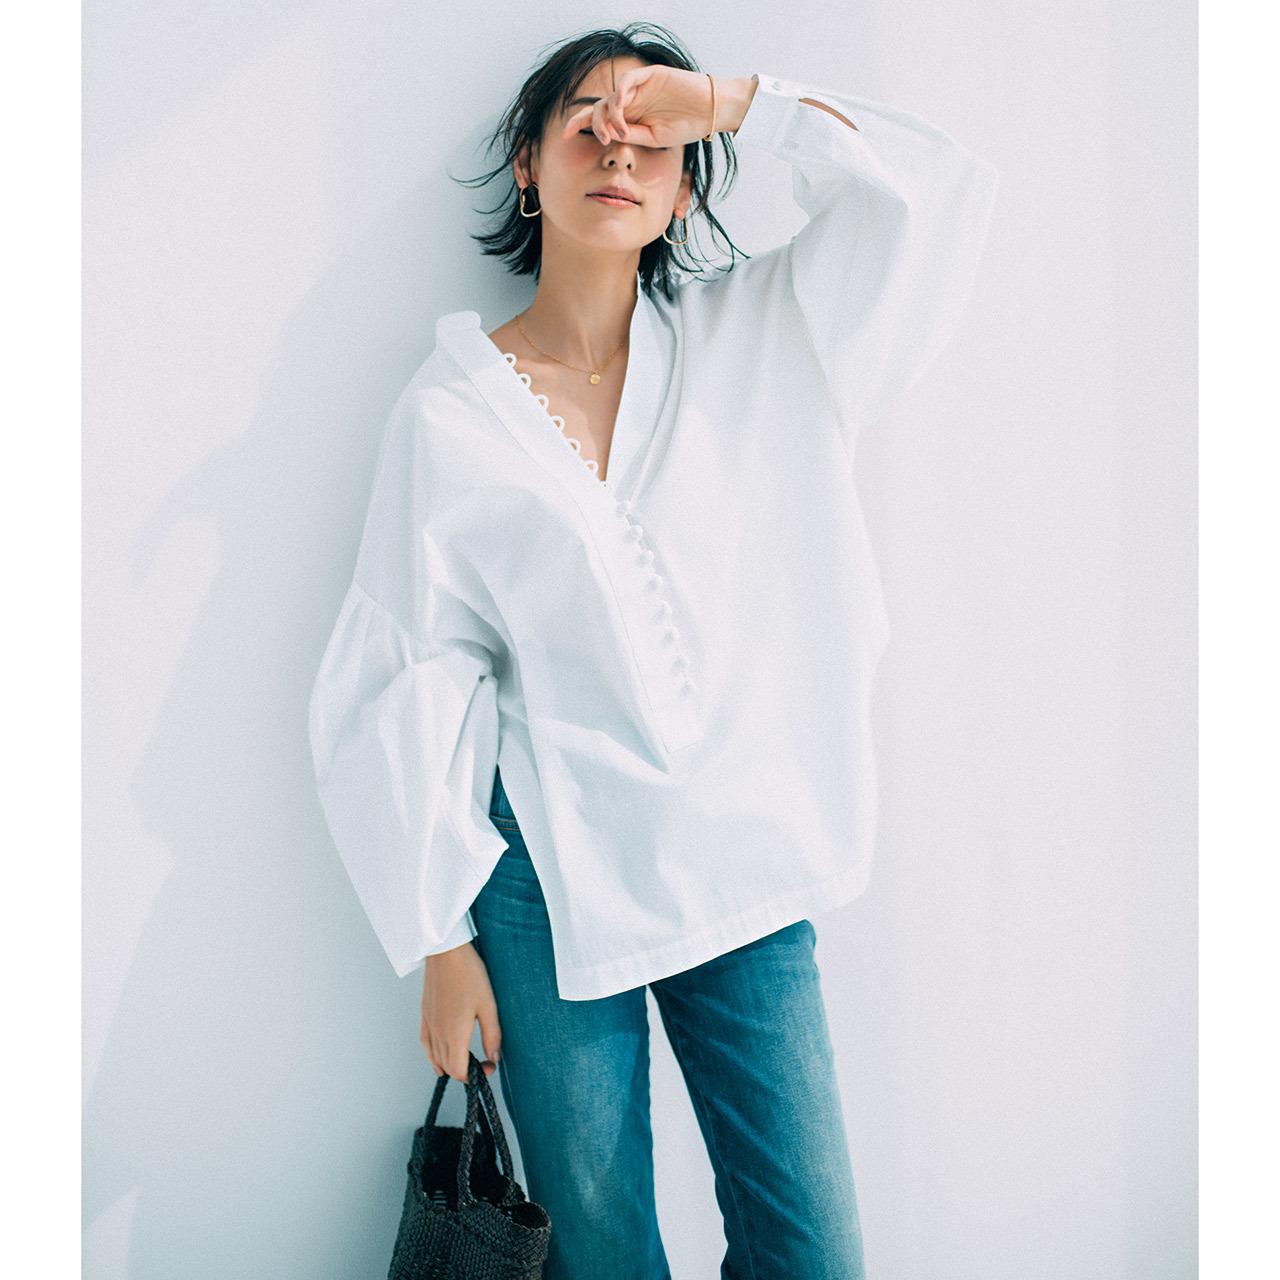 デザインのきいた白シャツ×デニムパンツコーデを着たモデルの小泉里子さん